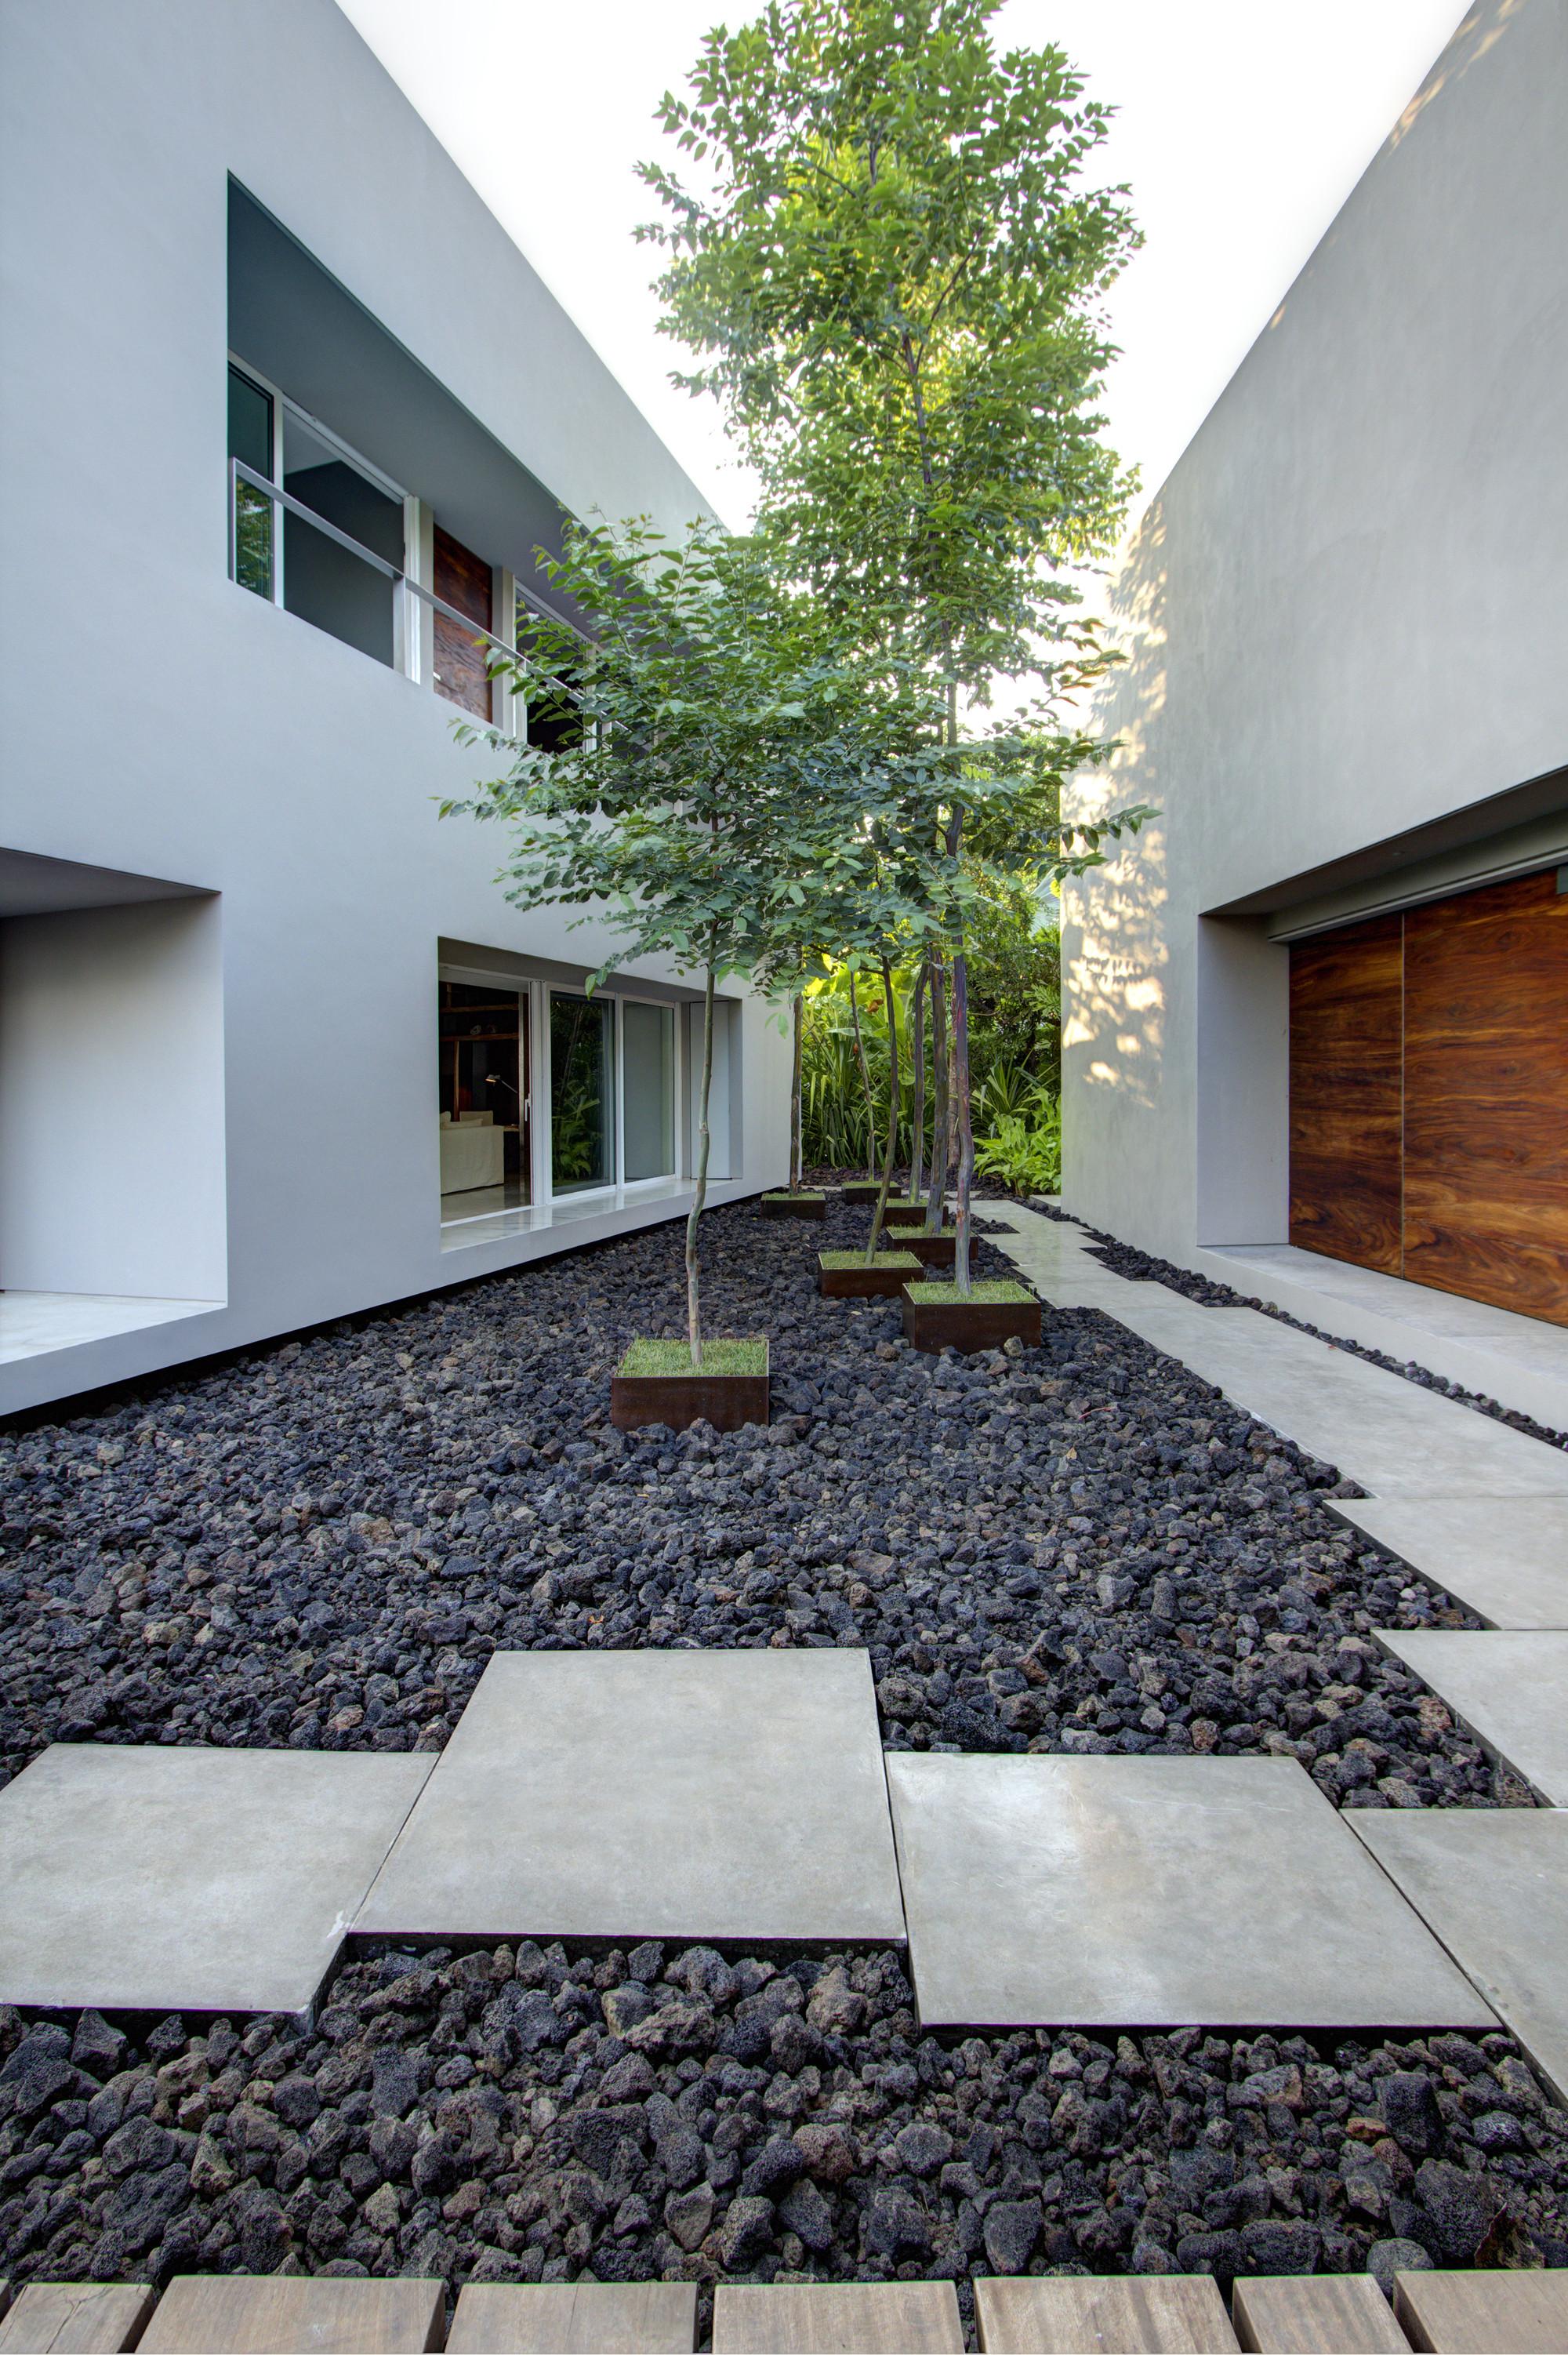 Gallery of casa la punta el as rizo arquitectos 4 for Decoration jardin cailloux blanc